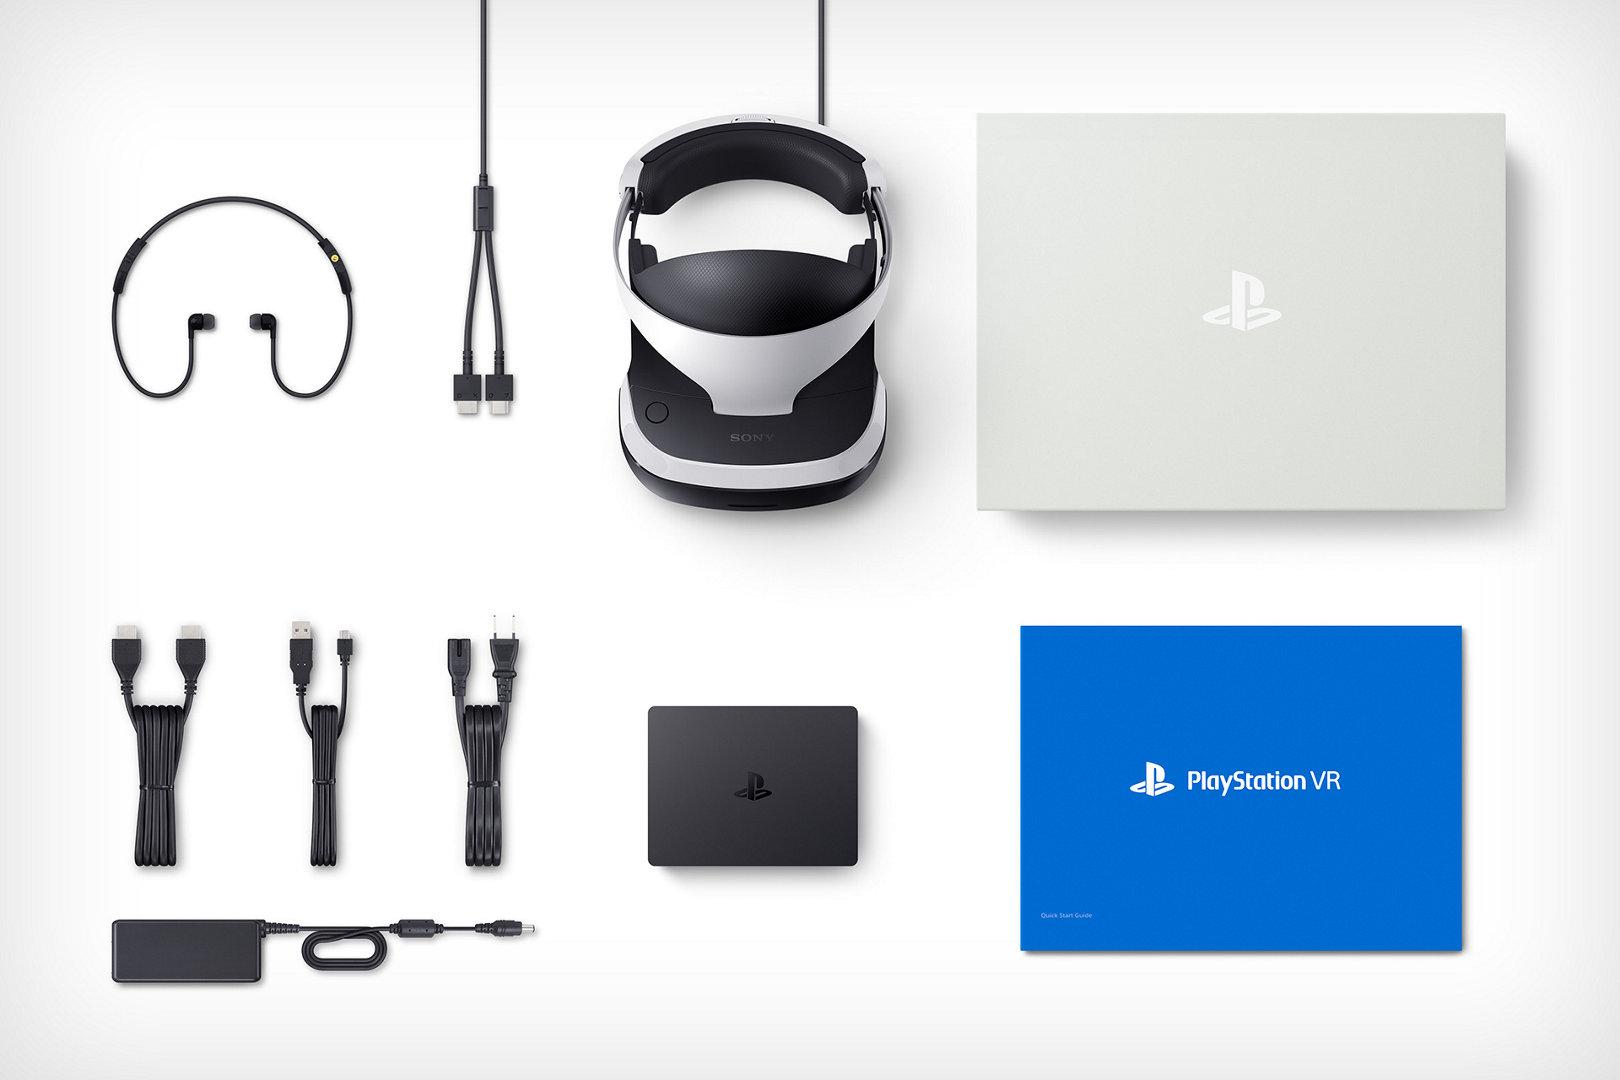 Новая система PlayStation VR будет поддерживать 4K, вибрацию и трекер глаз 2